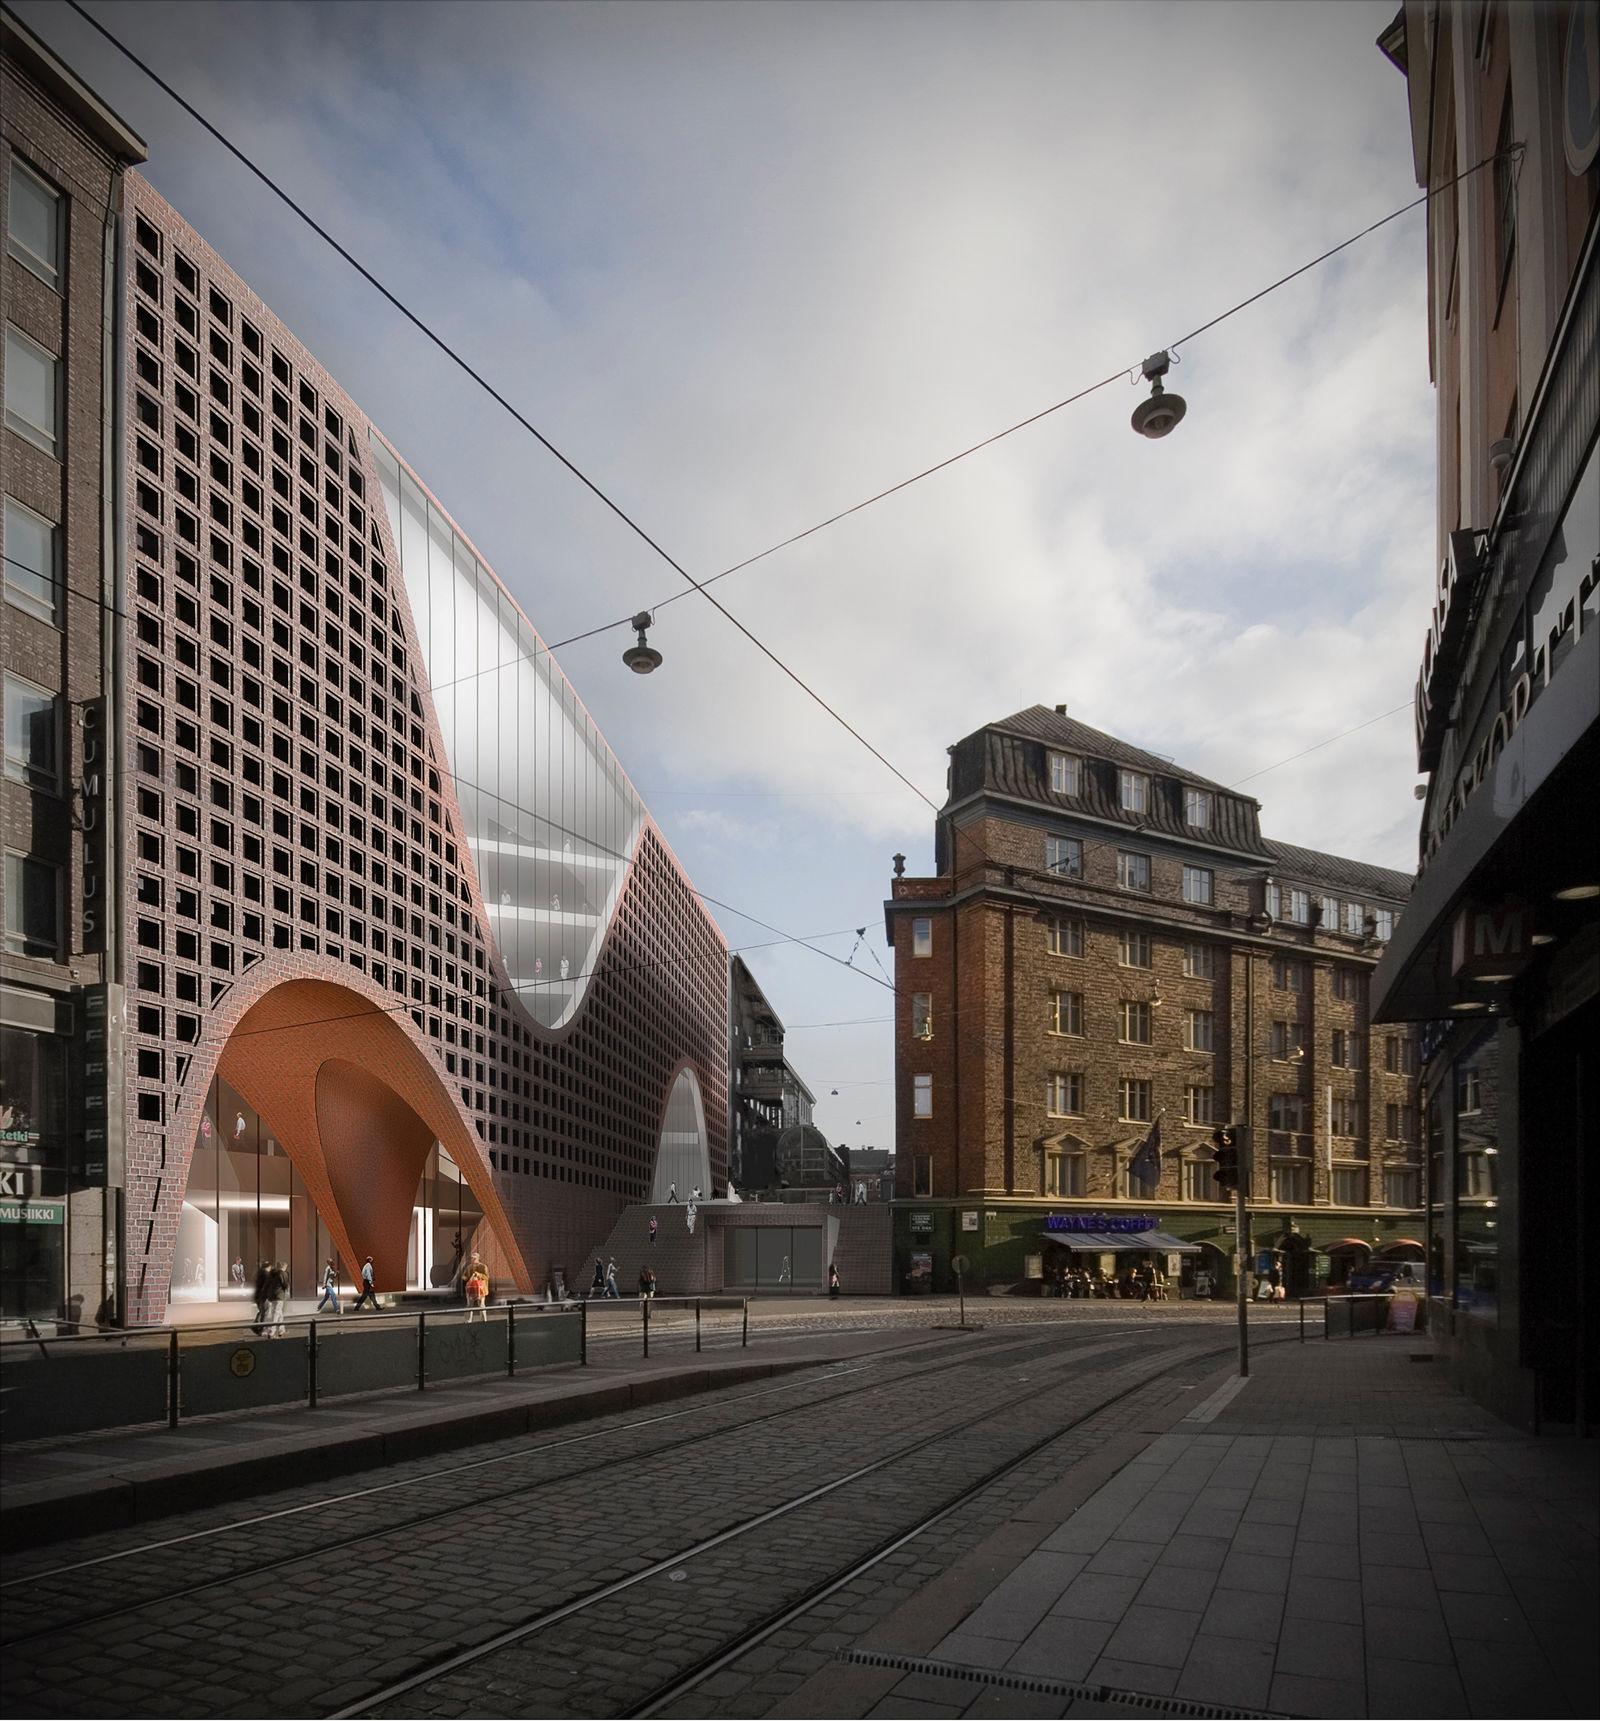 Zeitgenössische Architektur in Finnland - Archiv